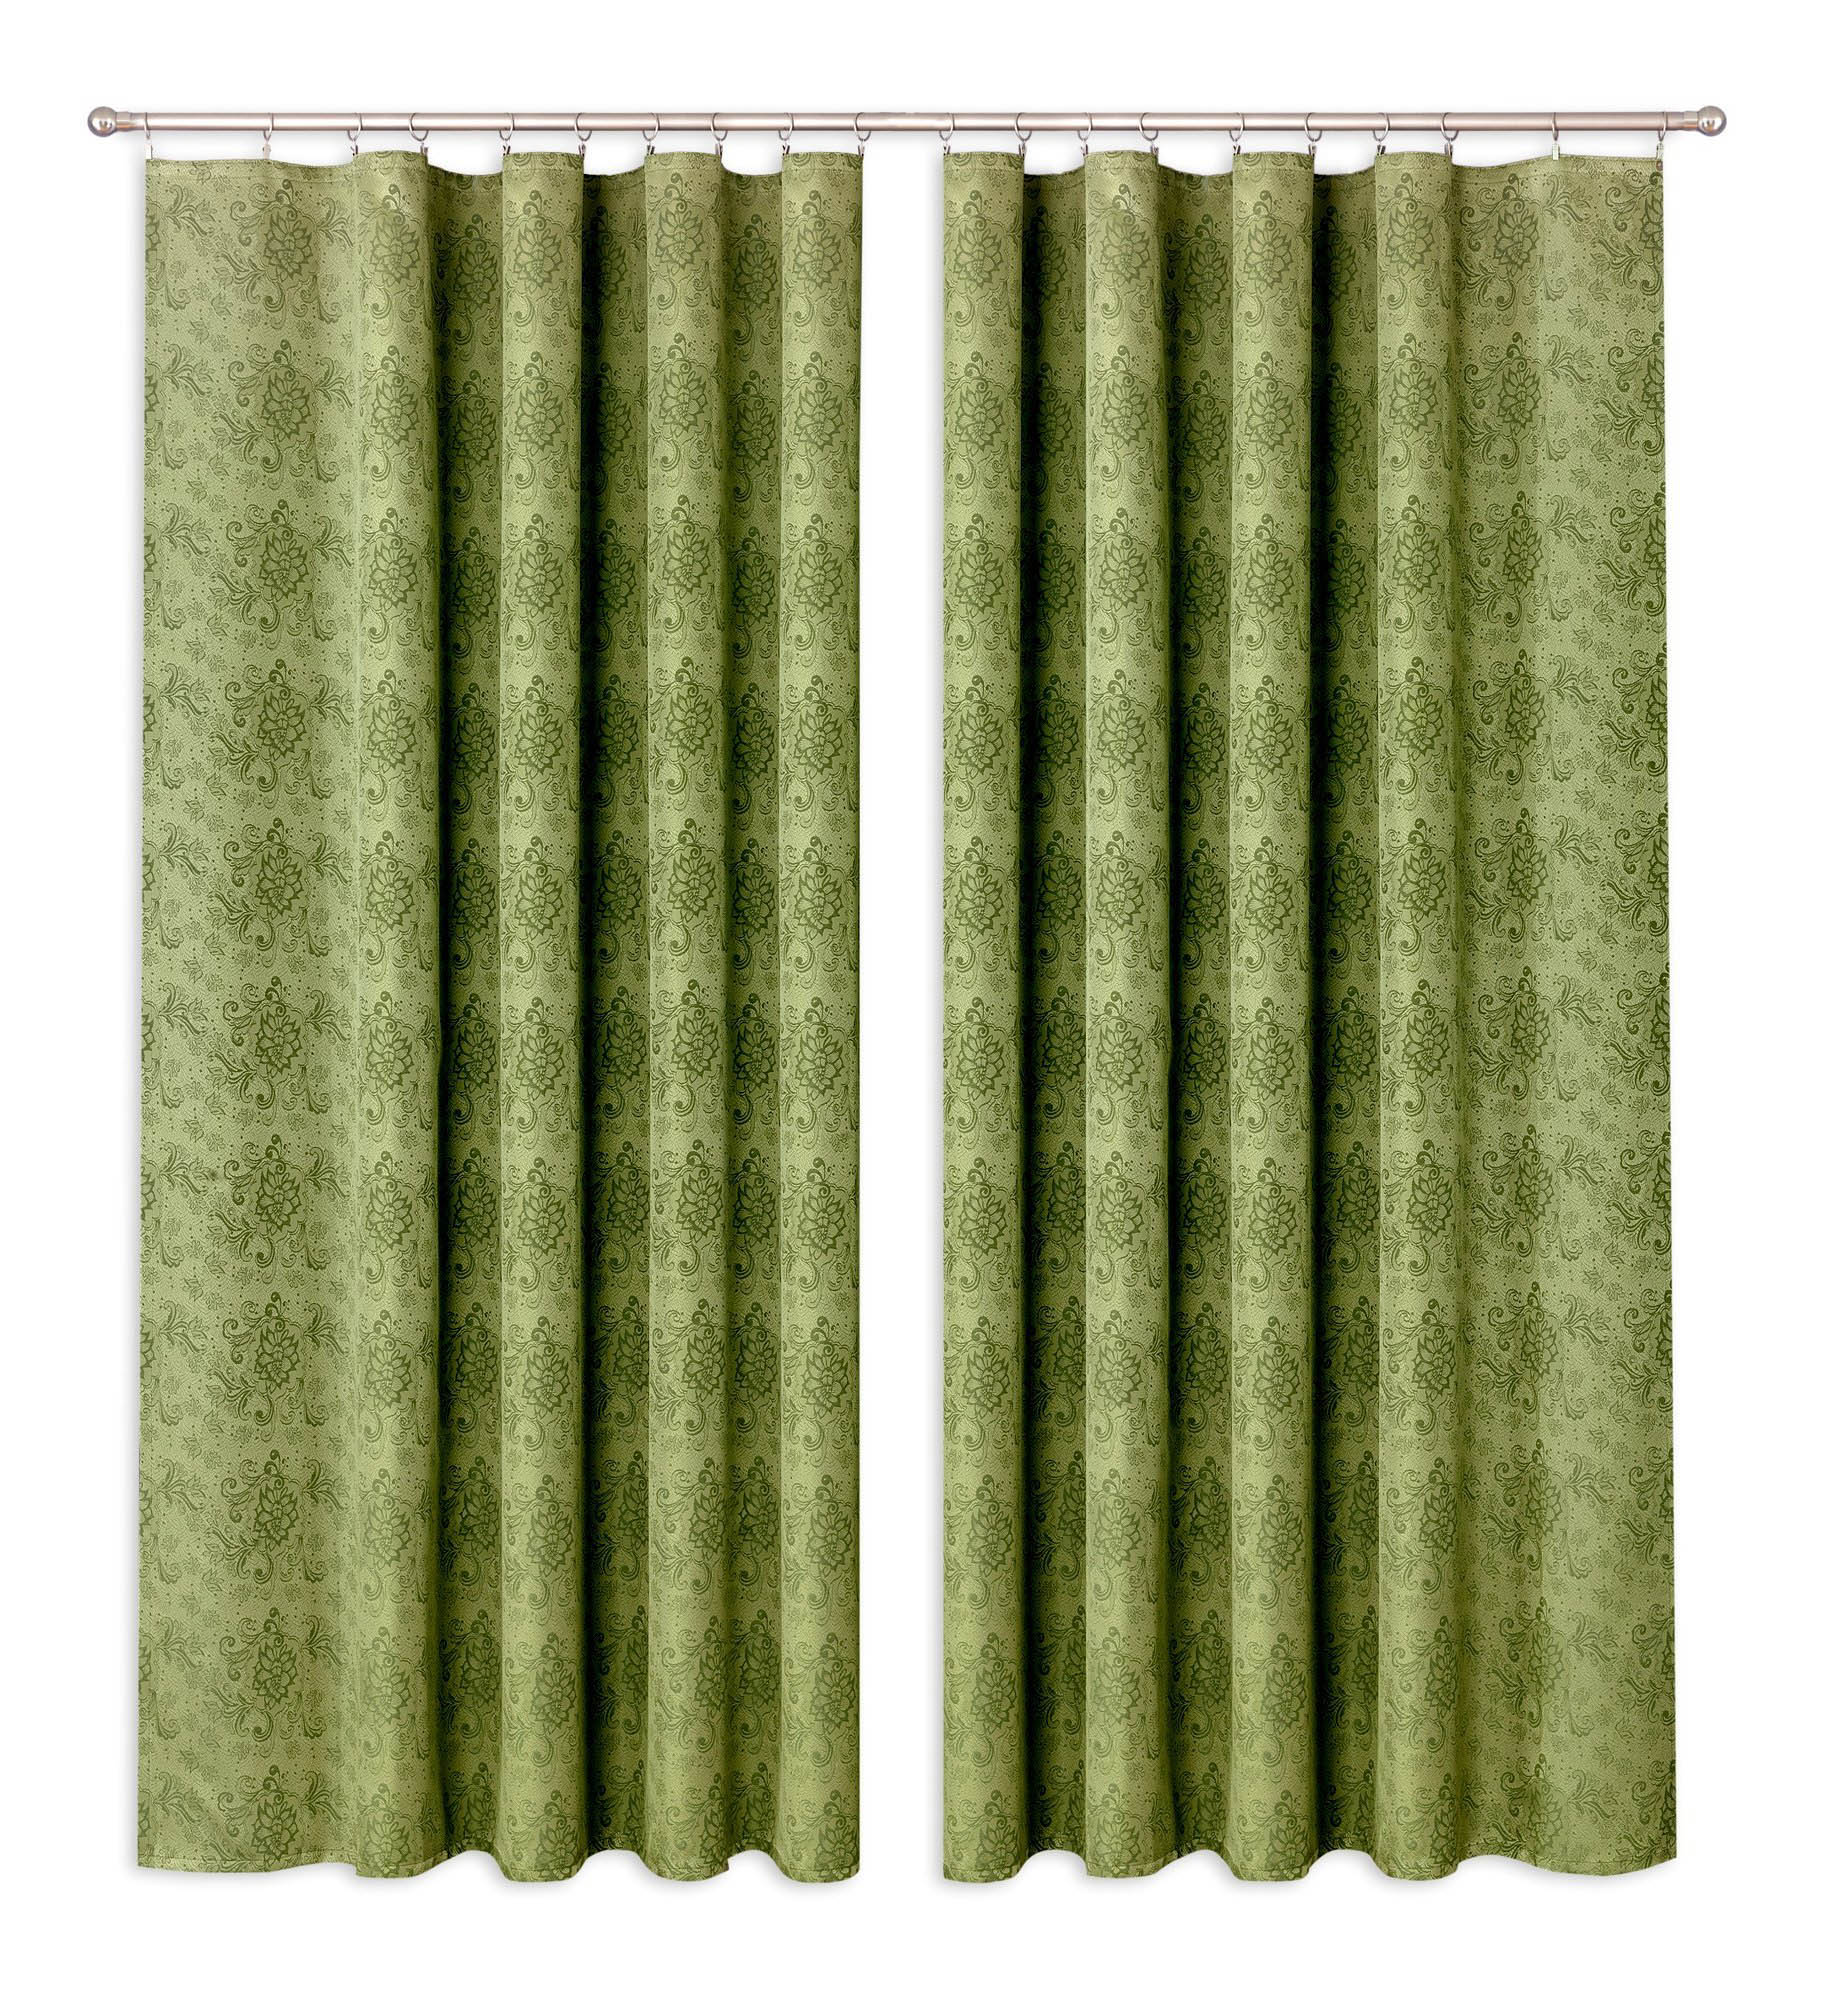 Шторы Primavera Классические шторы Mahalah Цвет: Зеленый шторы primavera классические шторы caroline цвет сиреневый